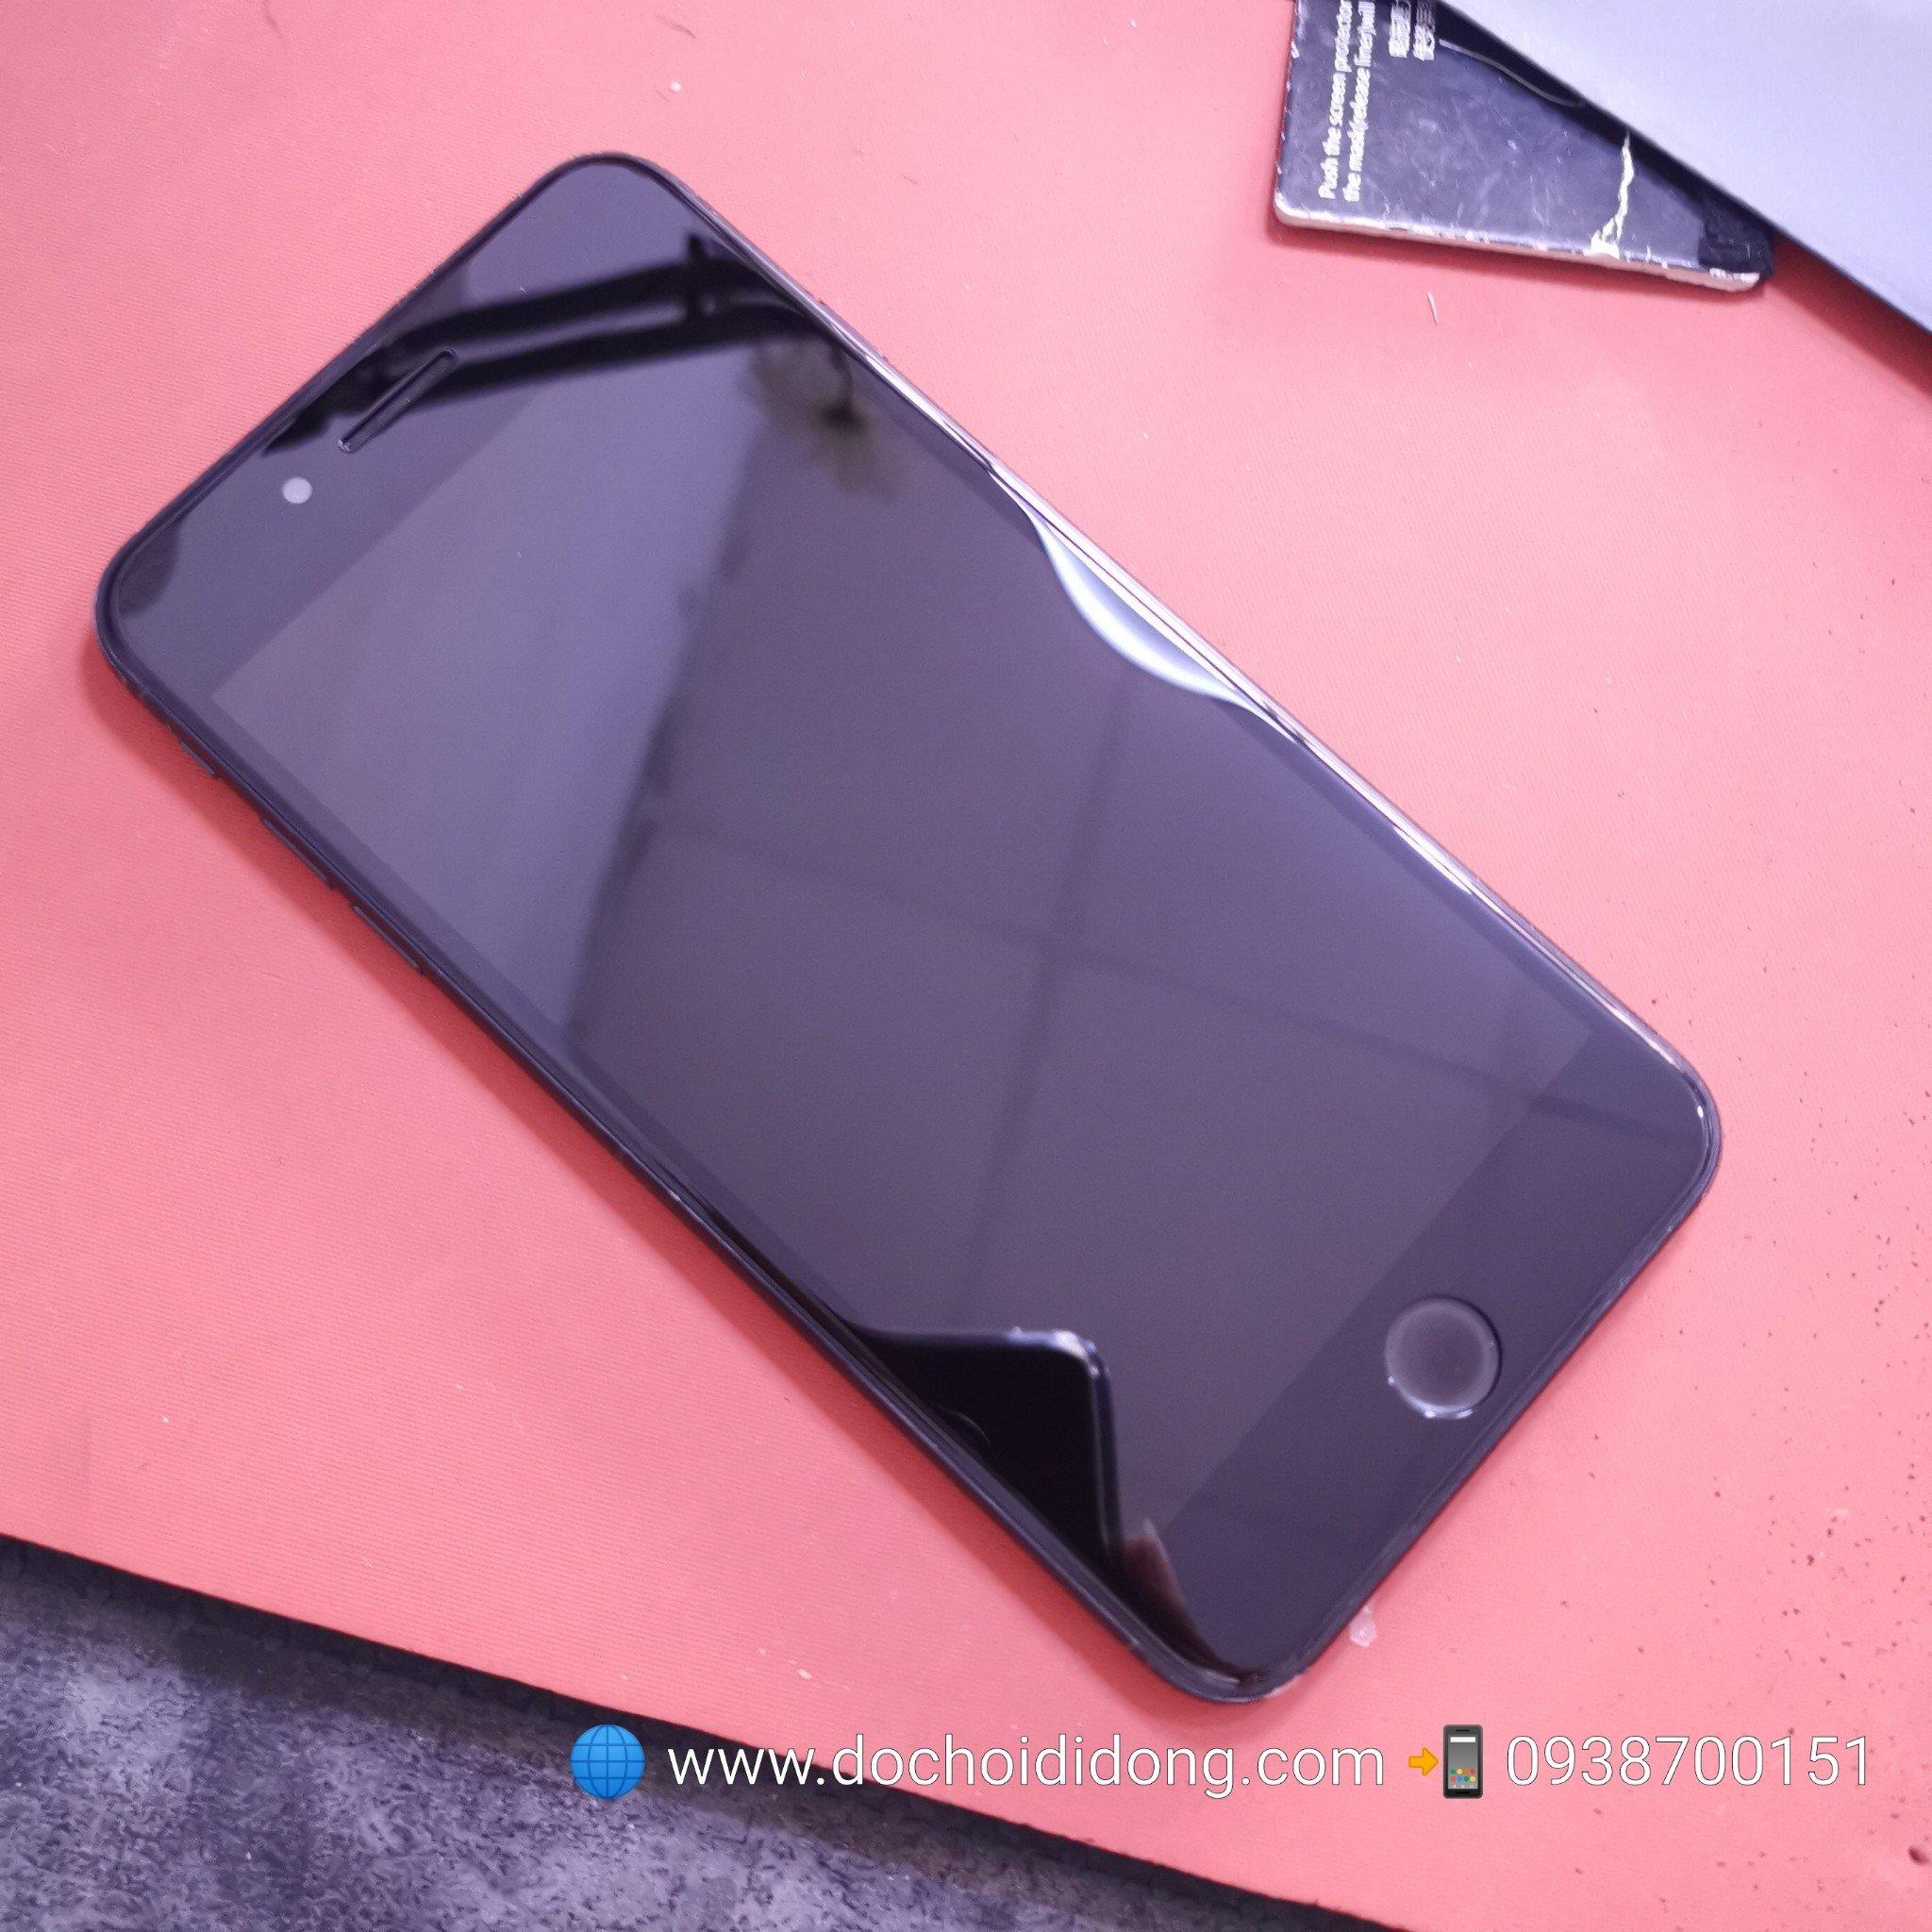 mieng-dan-cuong-luc-iphone-7-8-plus-mipow-king-bull-3d-full-man-hinh